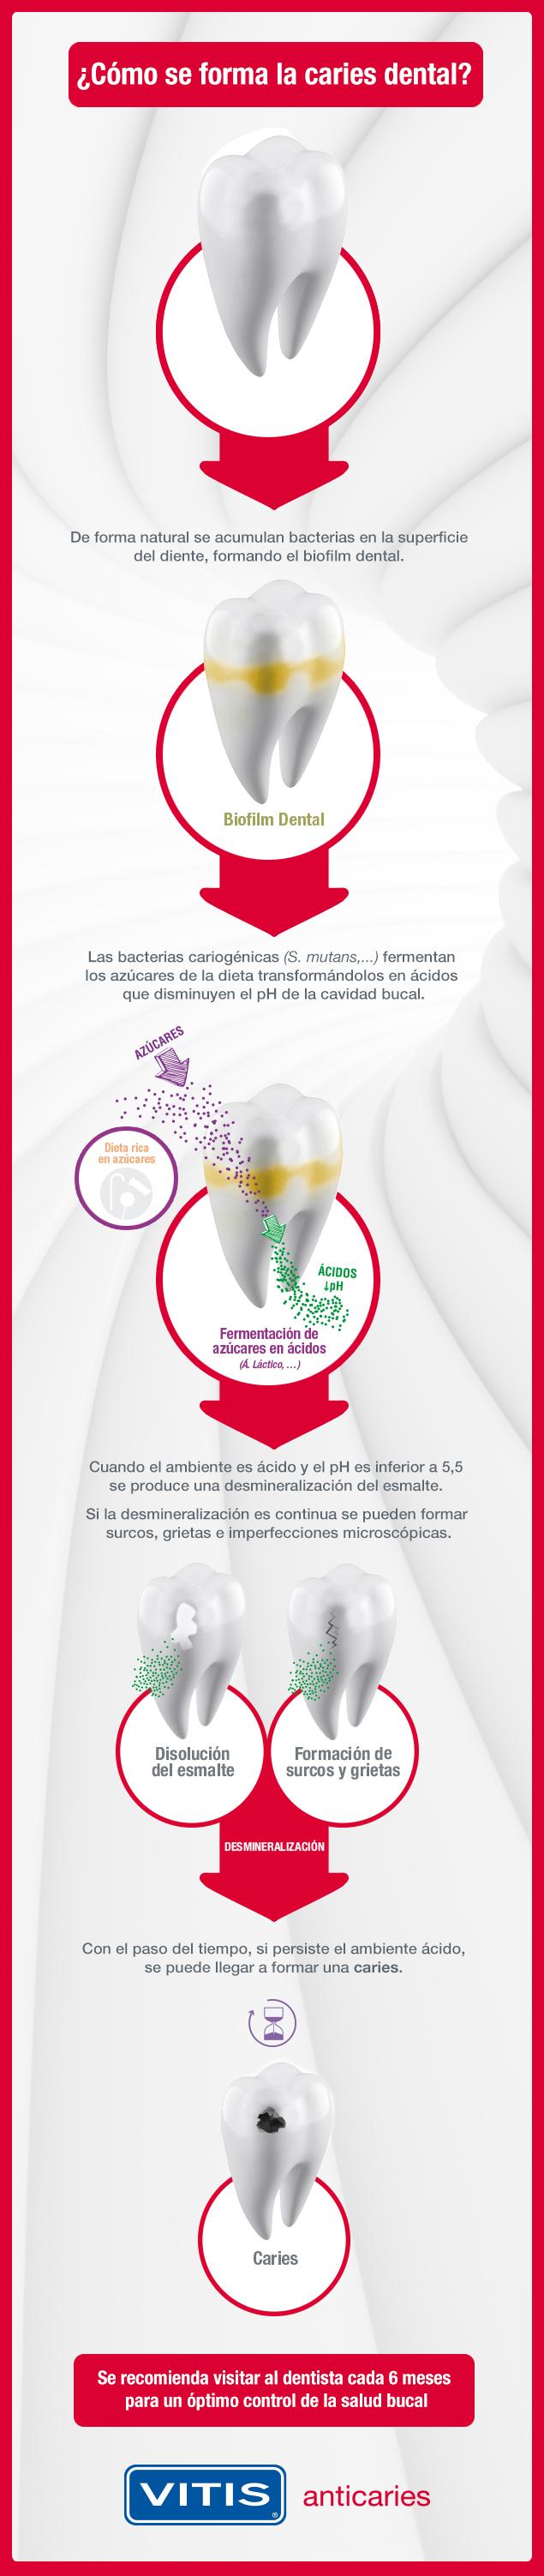 Como se forma las caries dentales